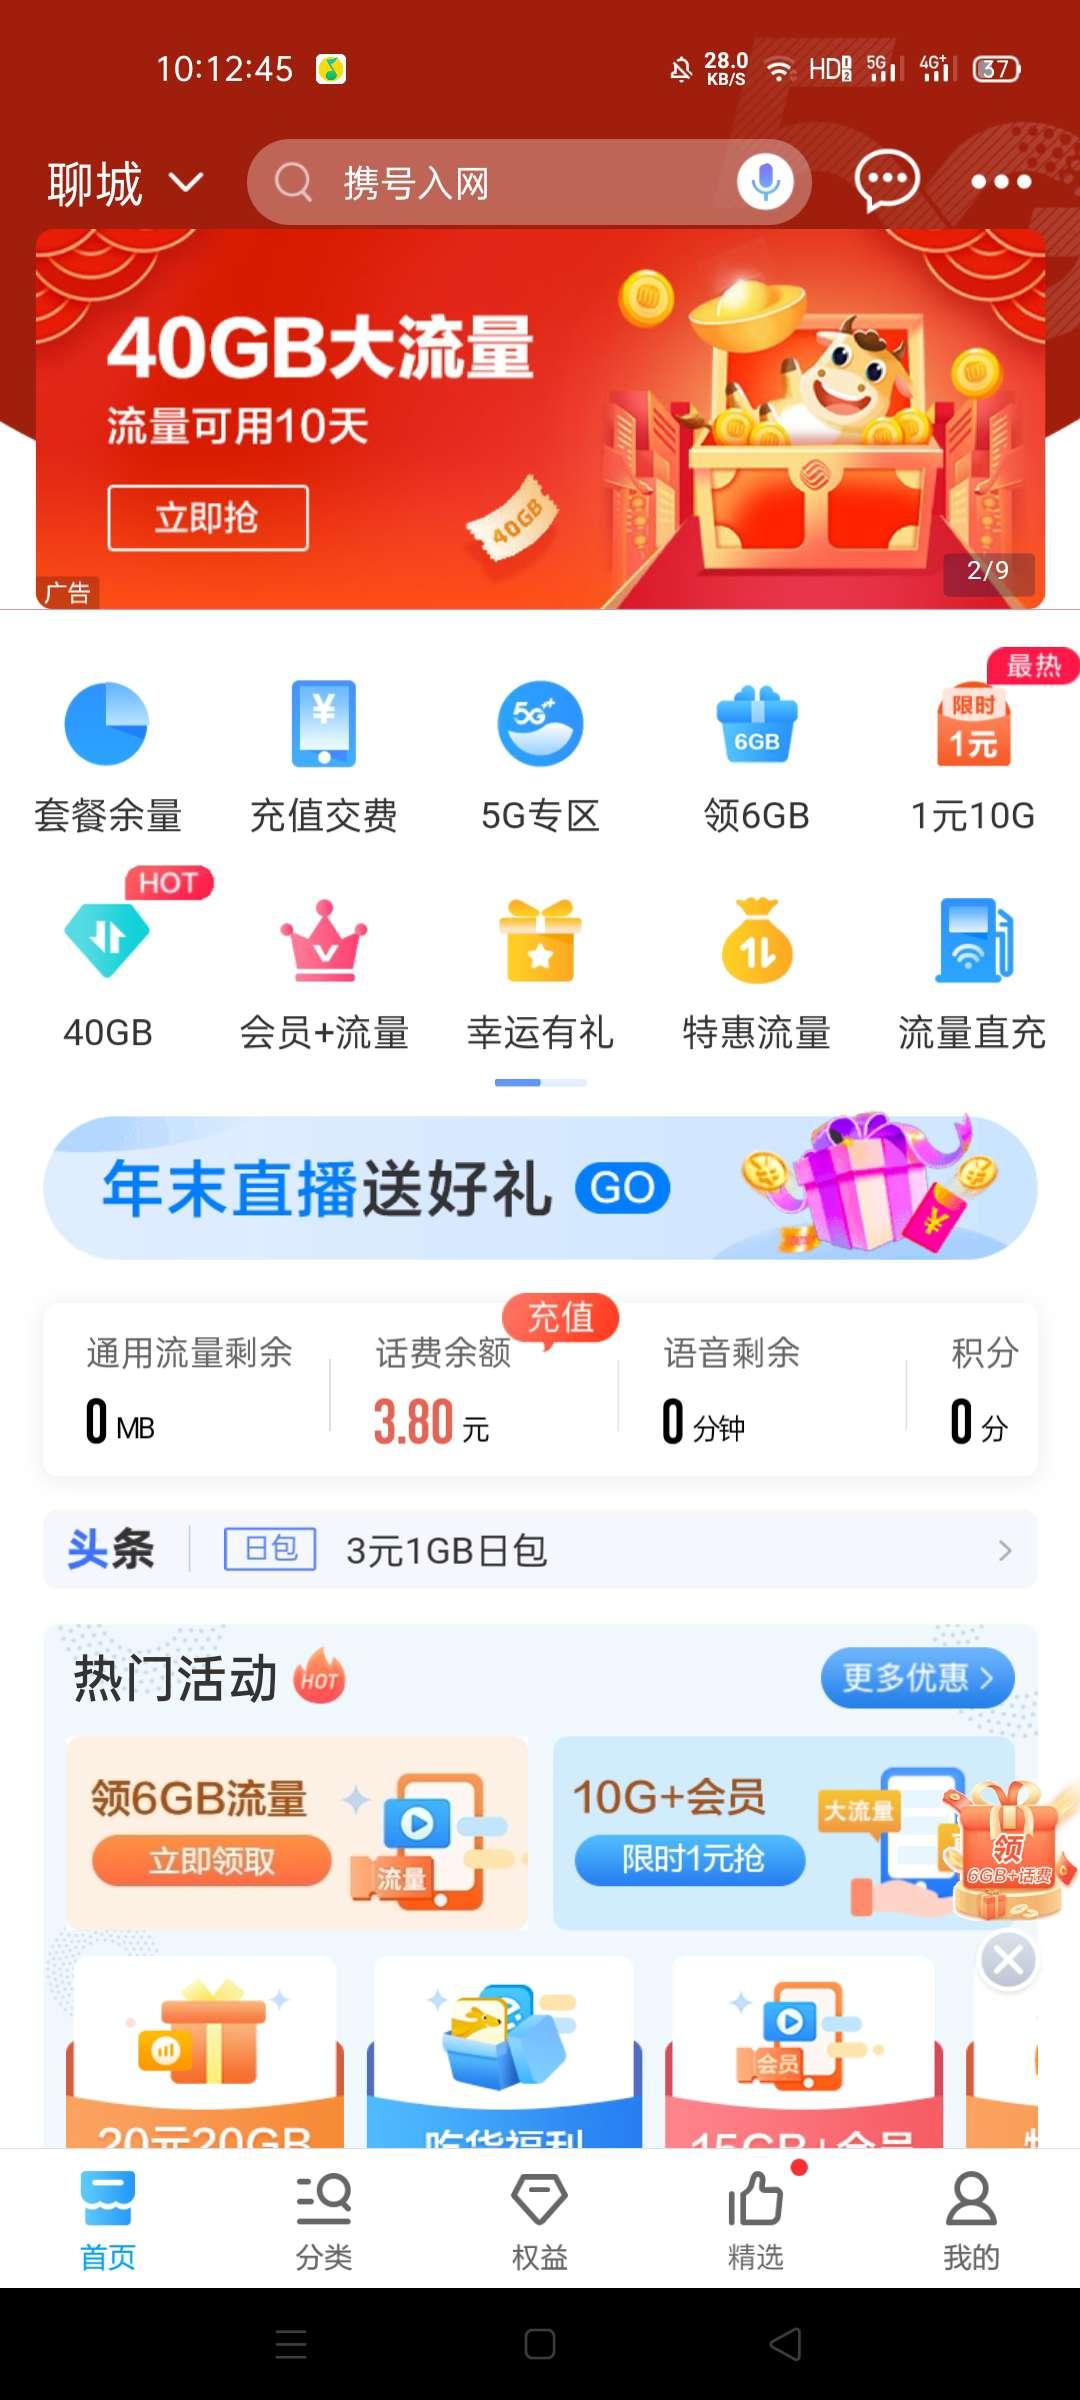 图片[2]-中国移动领6G流量-老友薅羊毛活动线报网